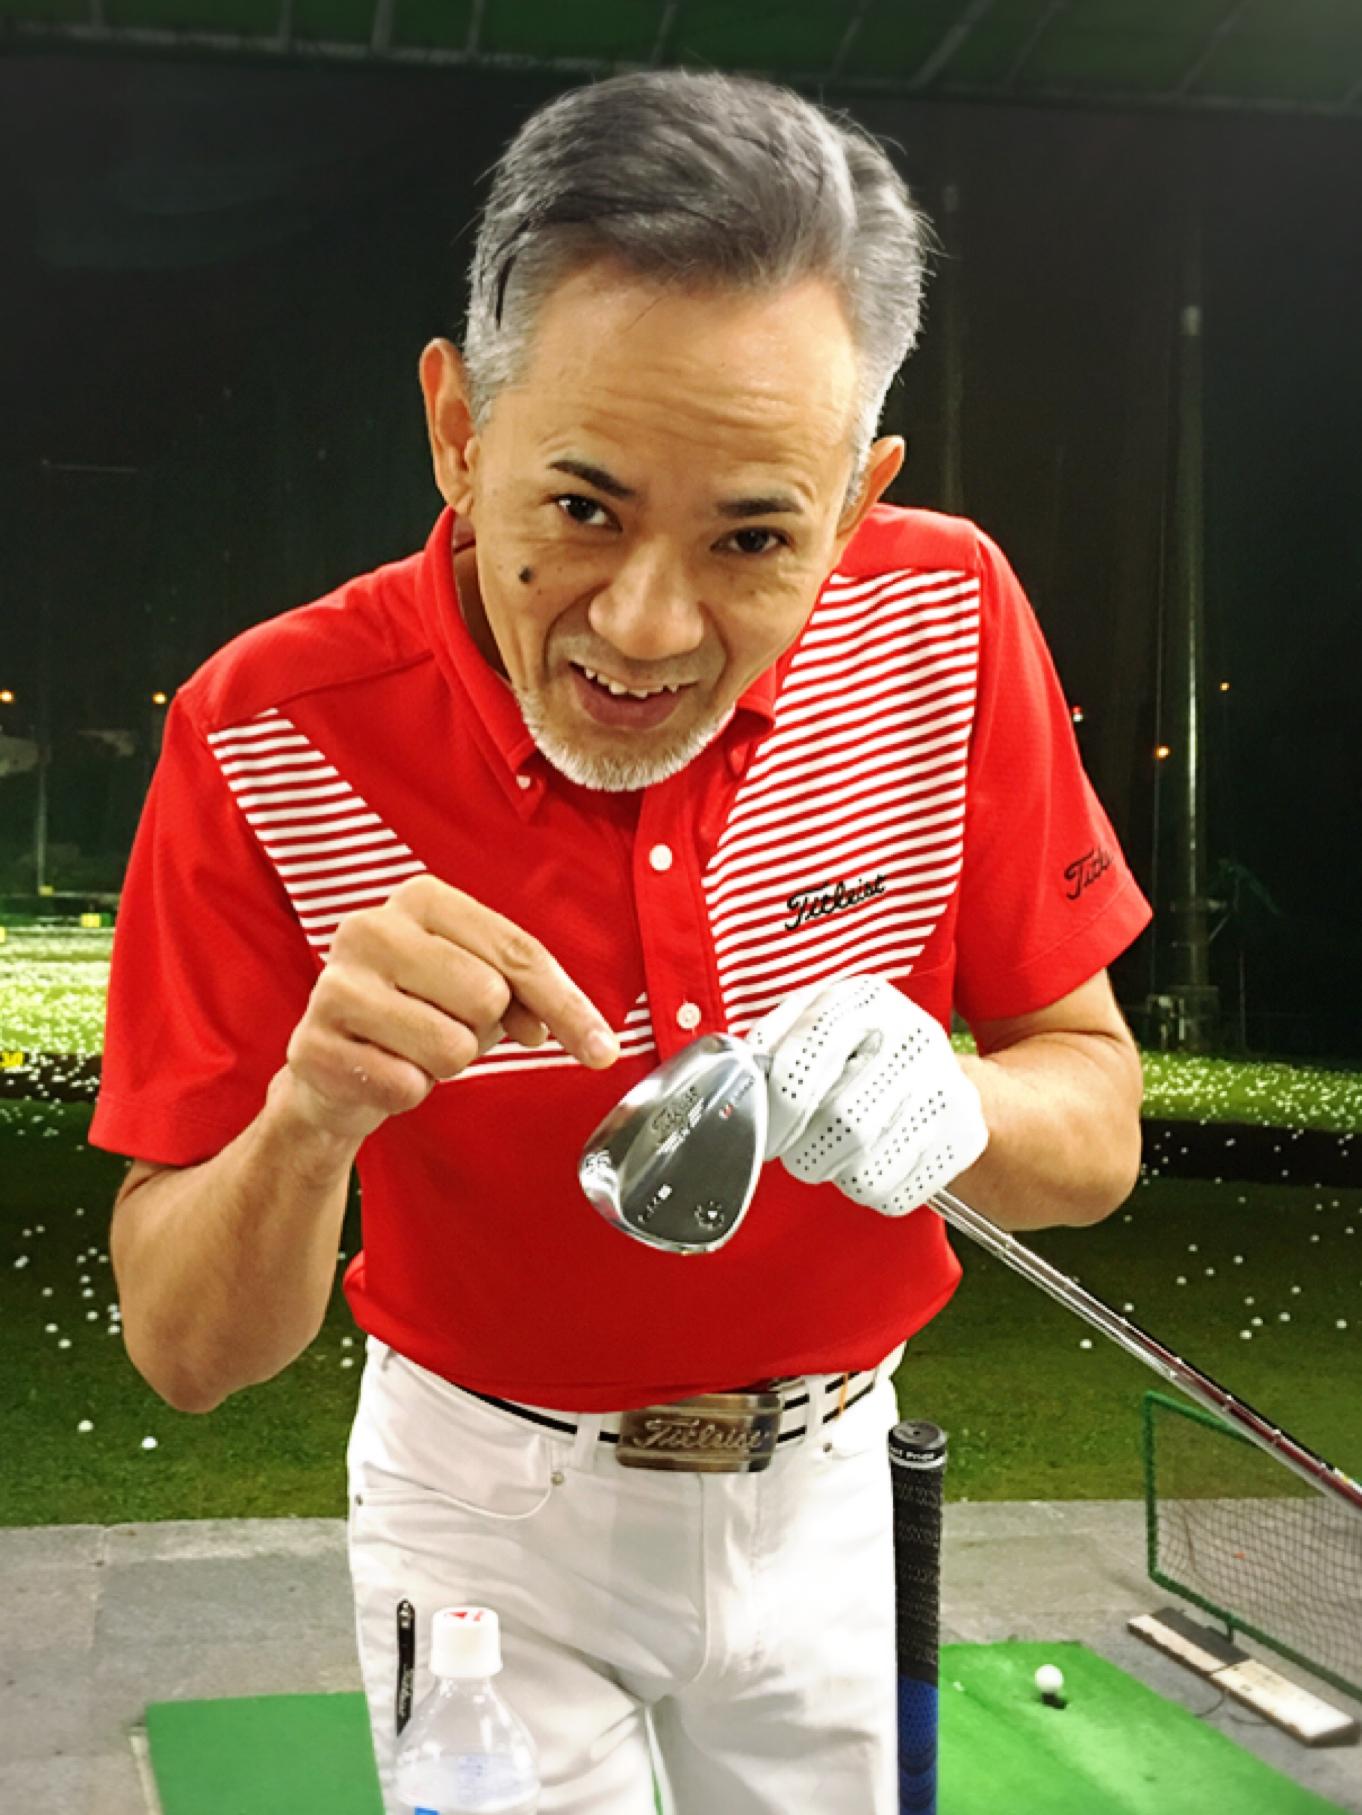 この嬉しそうな顔‼️ ゴルフを愛しているという先生 笑顔から溢れています☺?